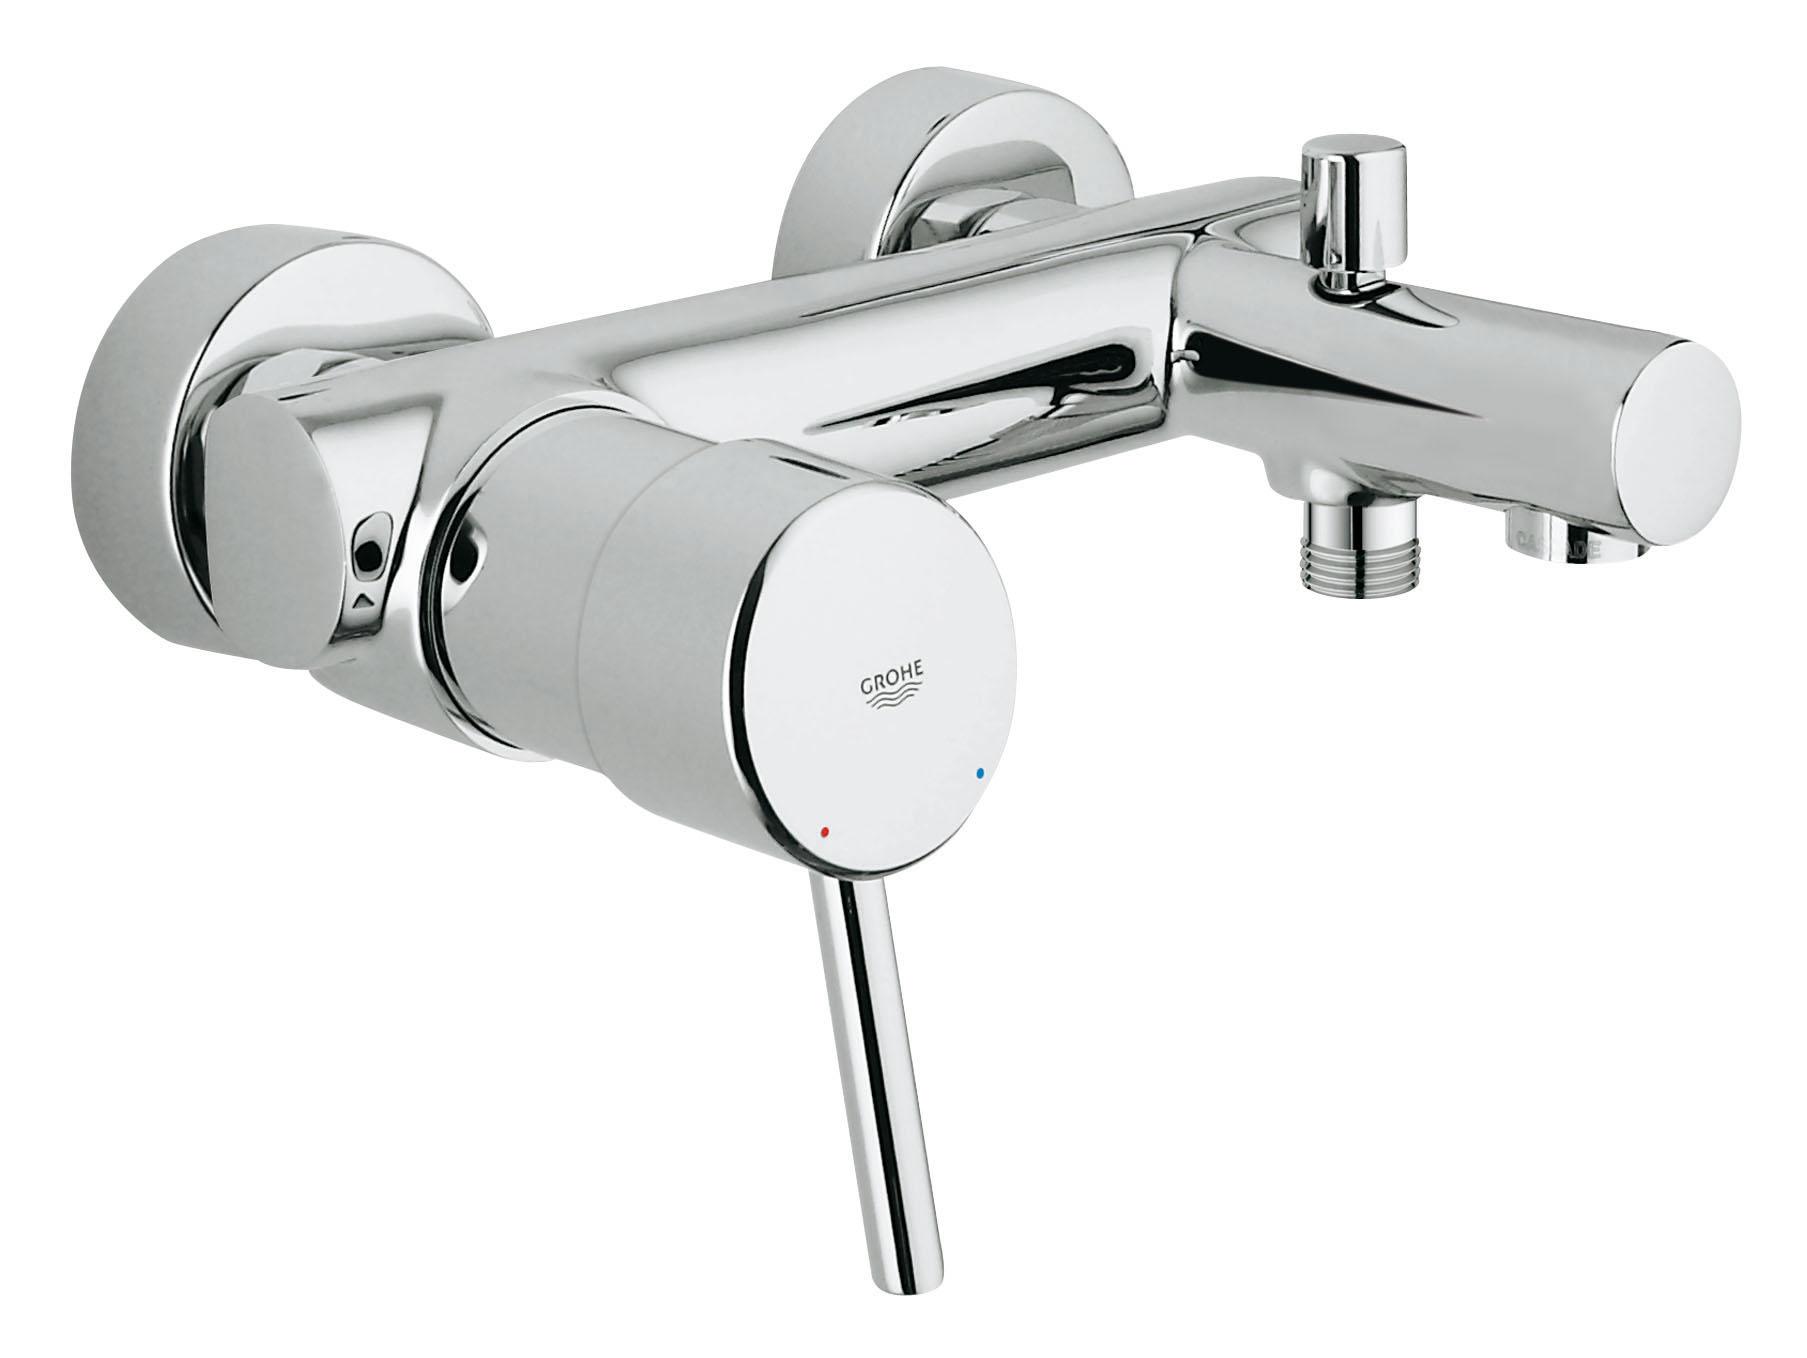 Смеситель для ванны Grohe Concetto new 32211001 цена